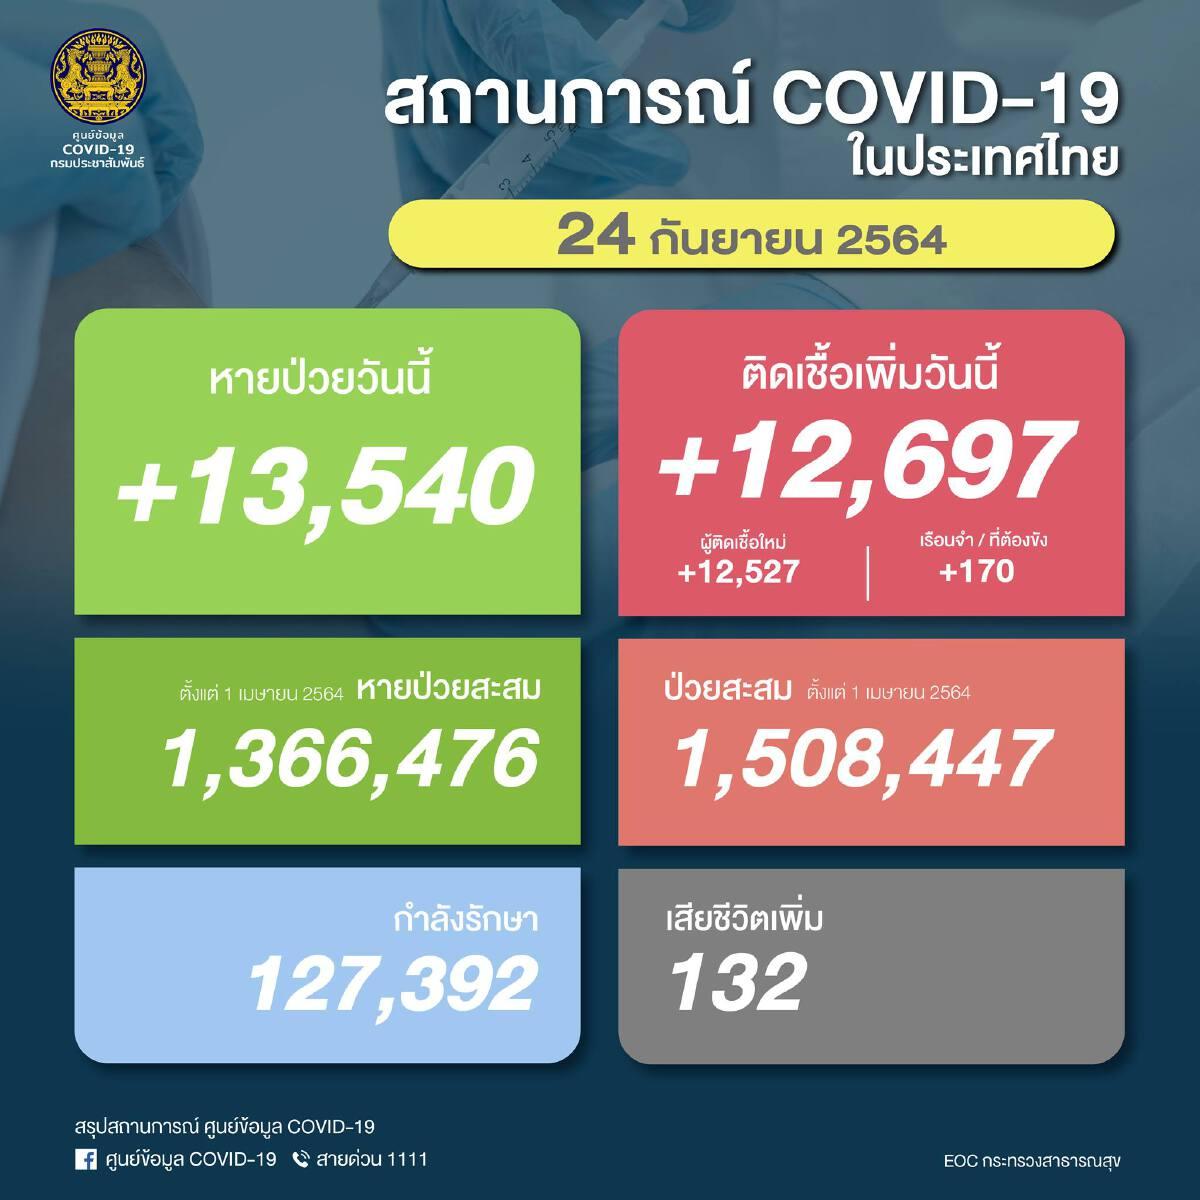 ด่วน! ยอด โควิด-19 วันนี้ ติดเชื้อเพิ่ม 12,697 ราย ตาย 132 ราย ATK อีก 3,469 ราย